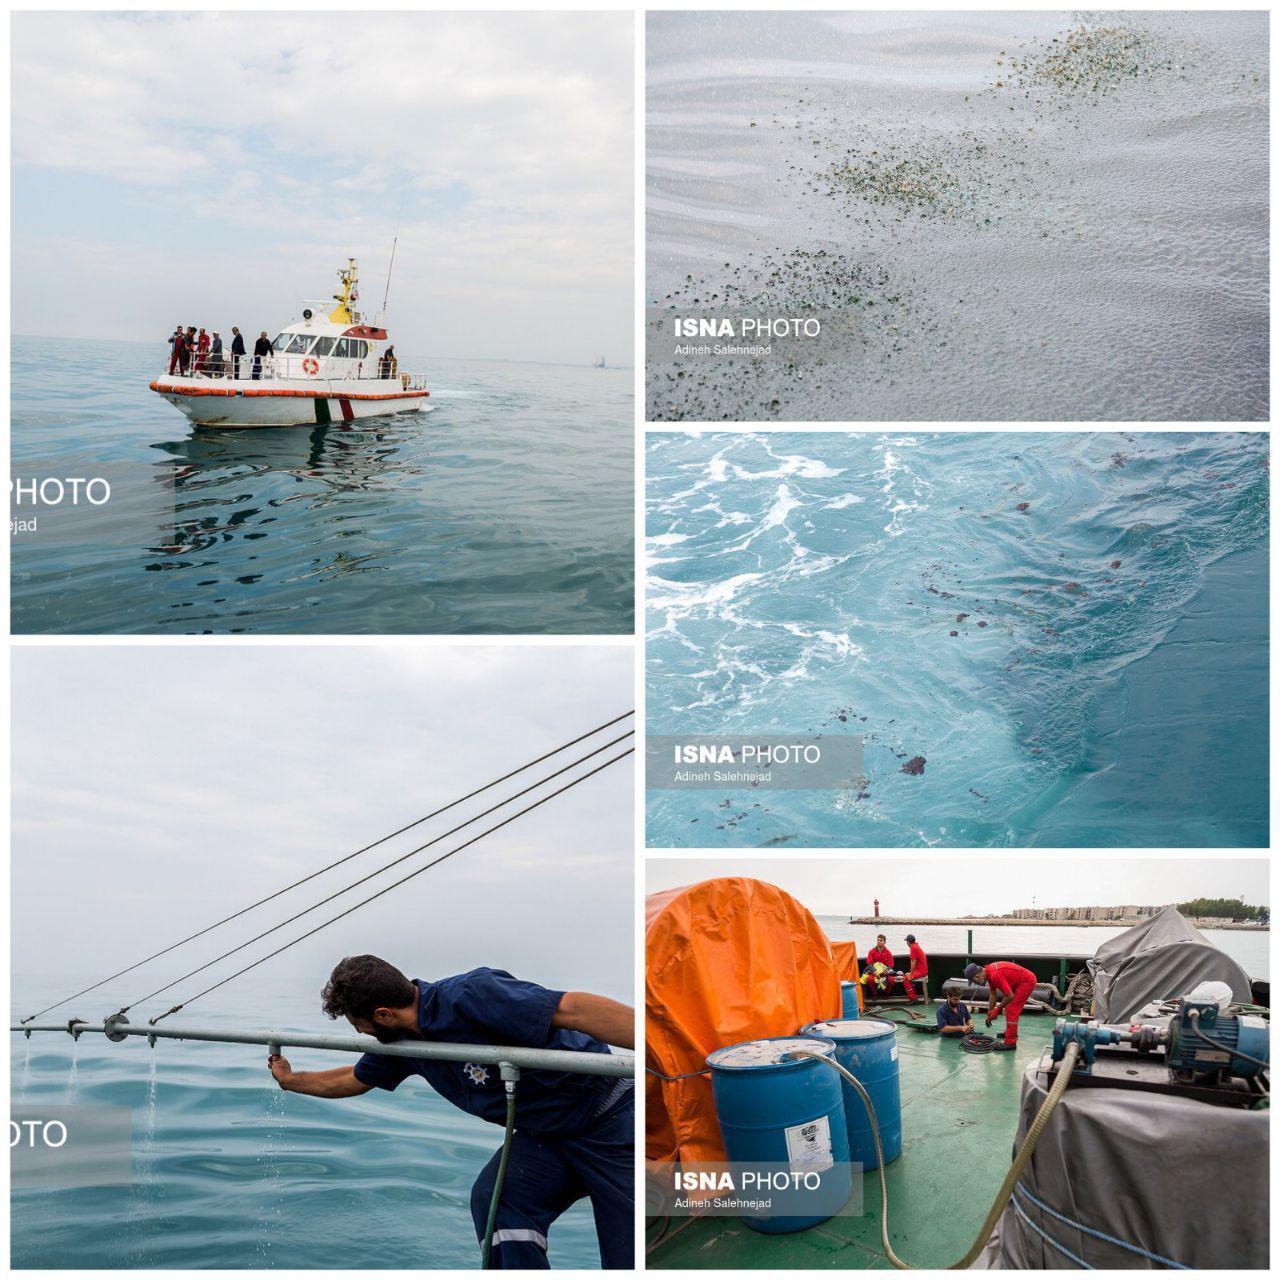 عملیات پاکسازی جزیره خارگ از آلودگی نفتی + عکس